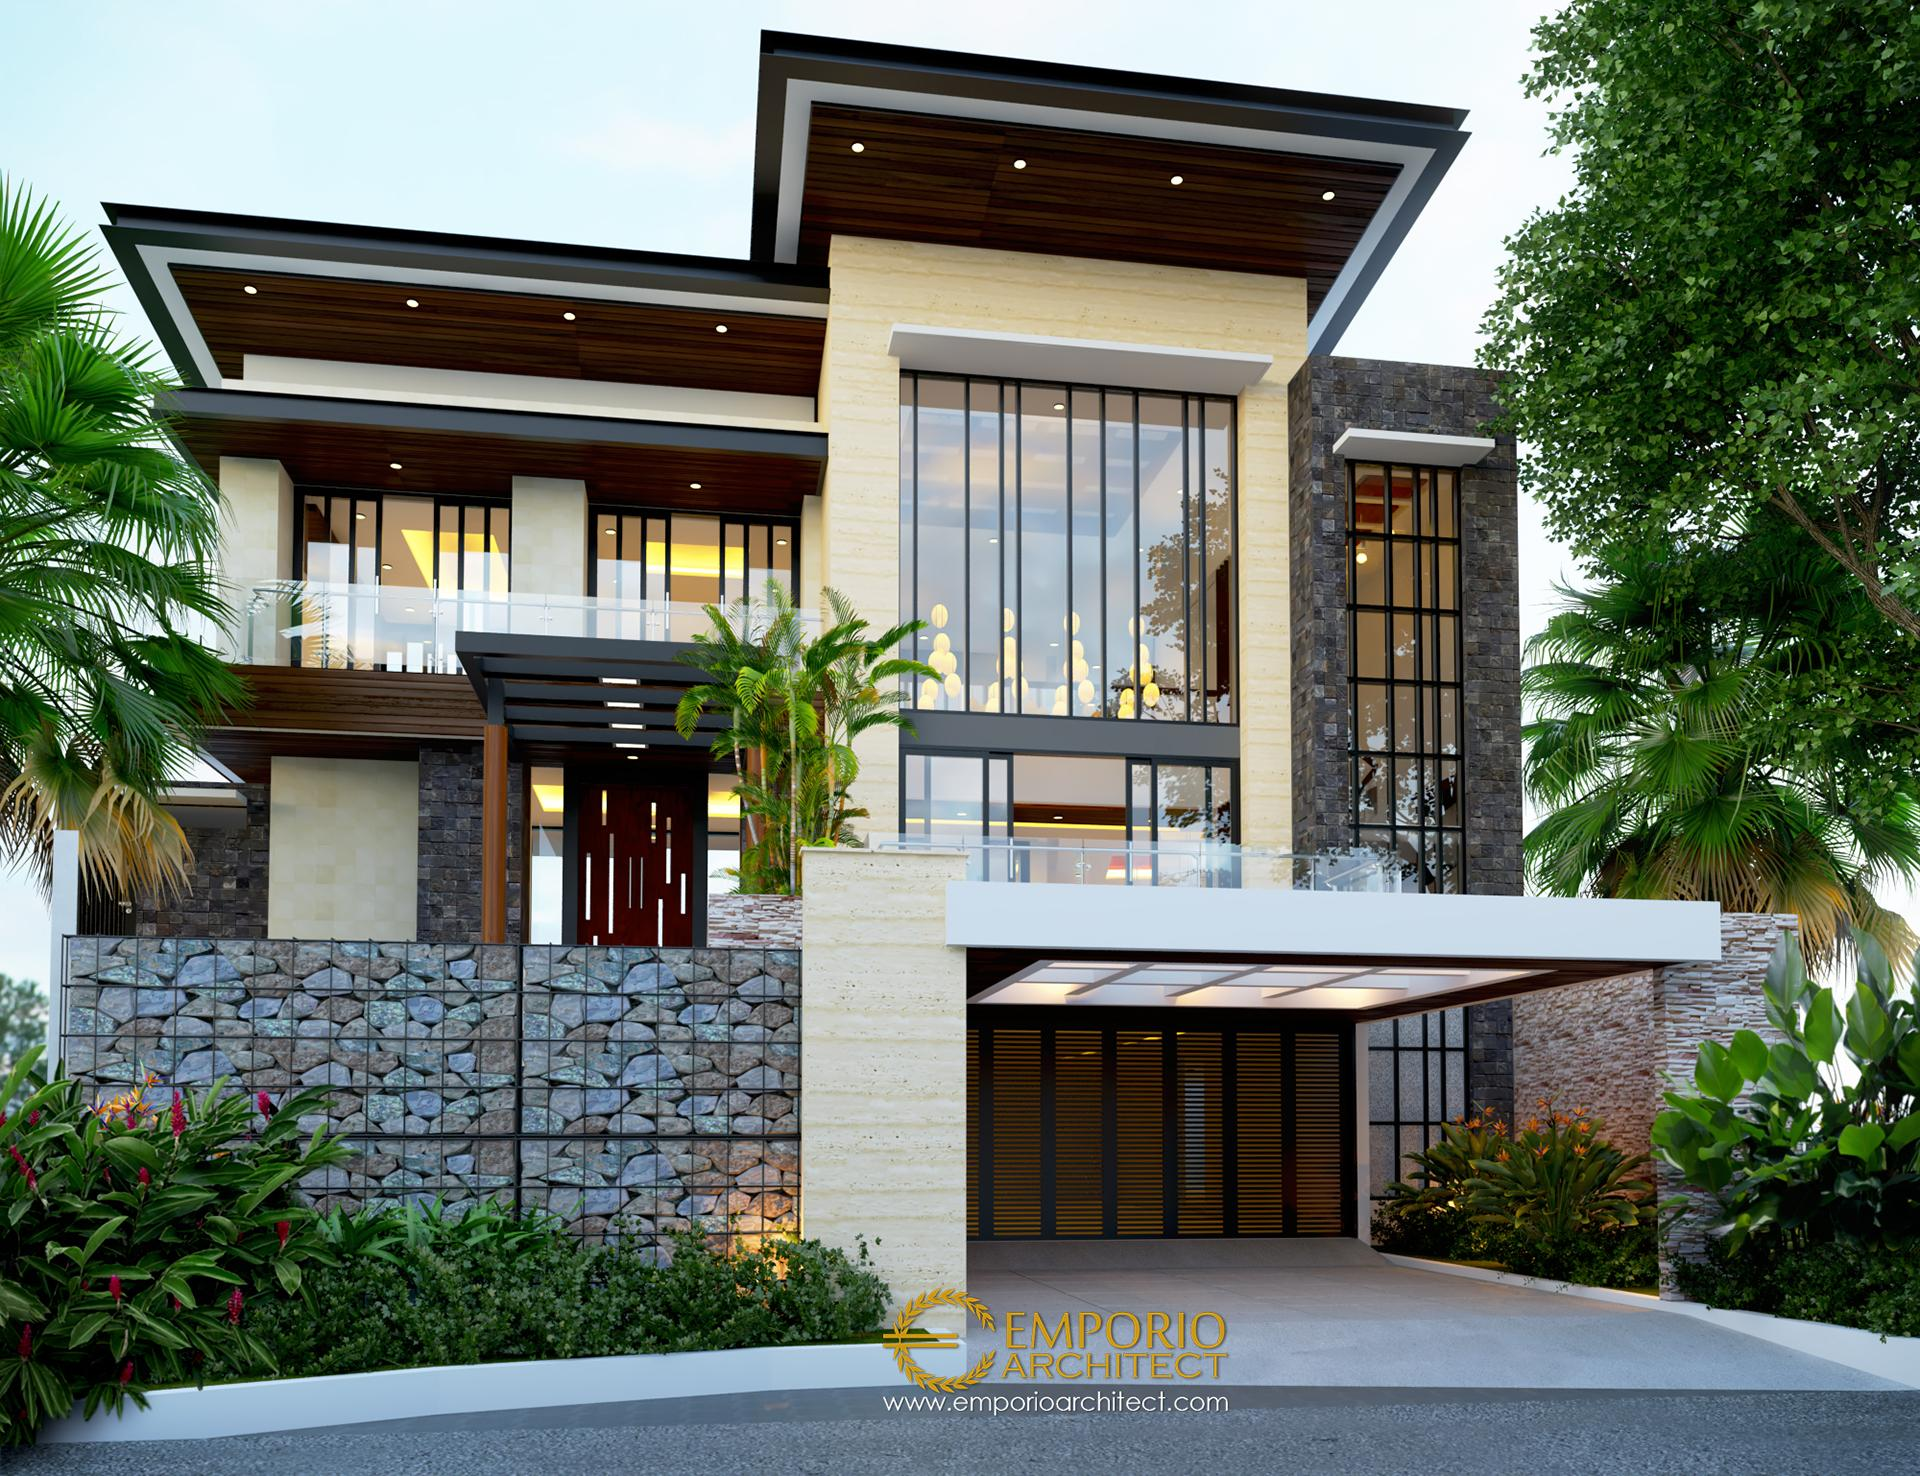 Desain Rumah Modern 2 Lantai Bapak Ale di Tangerang Banten